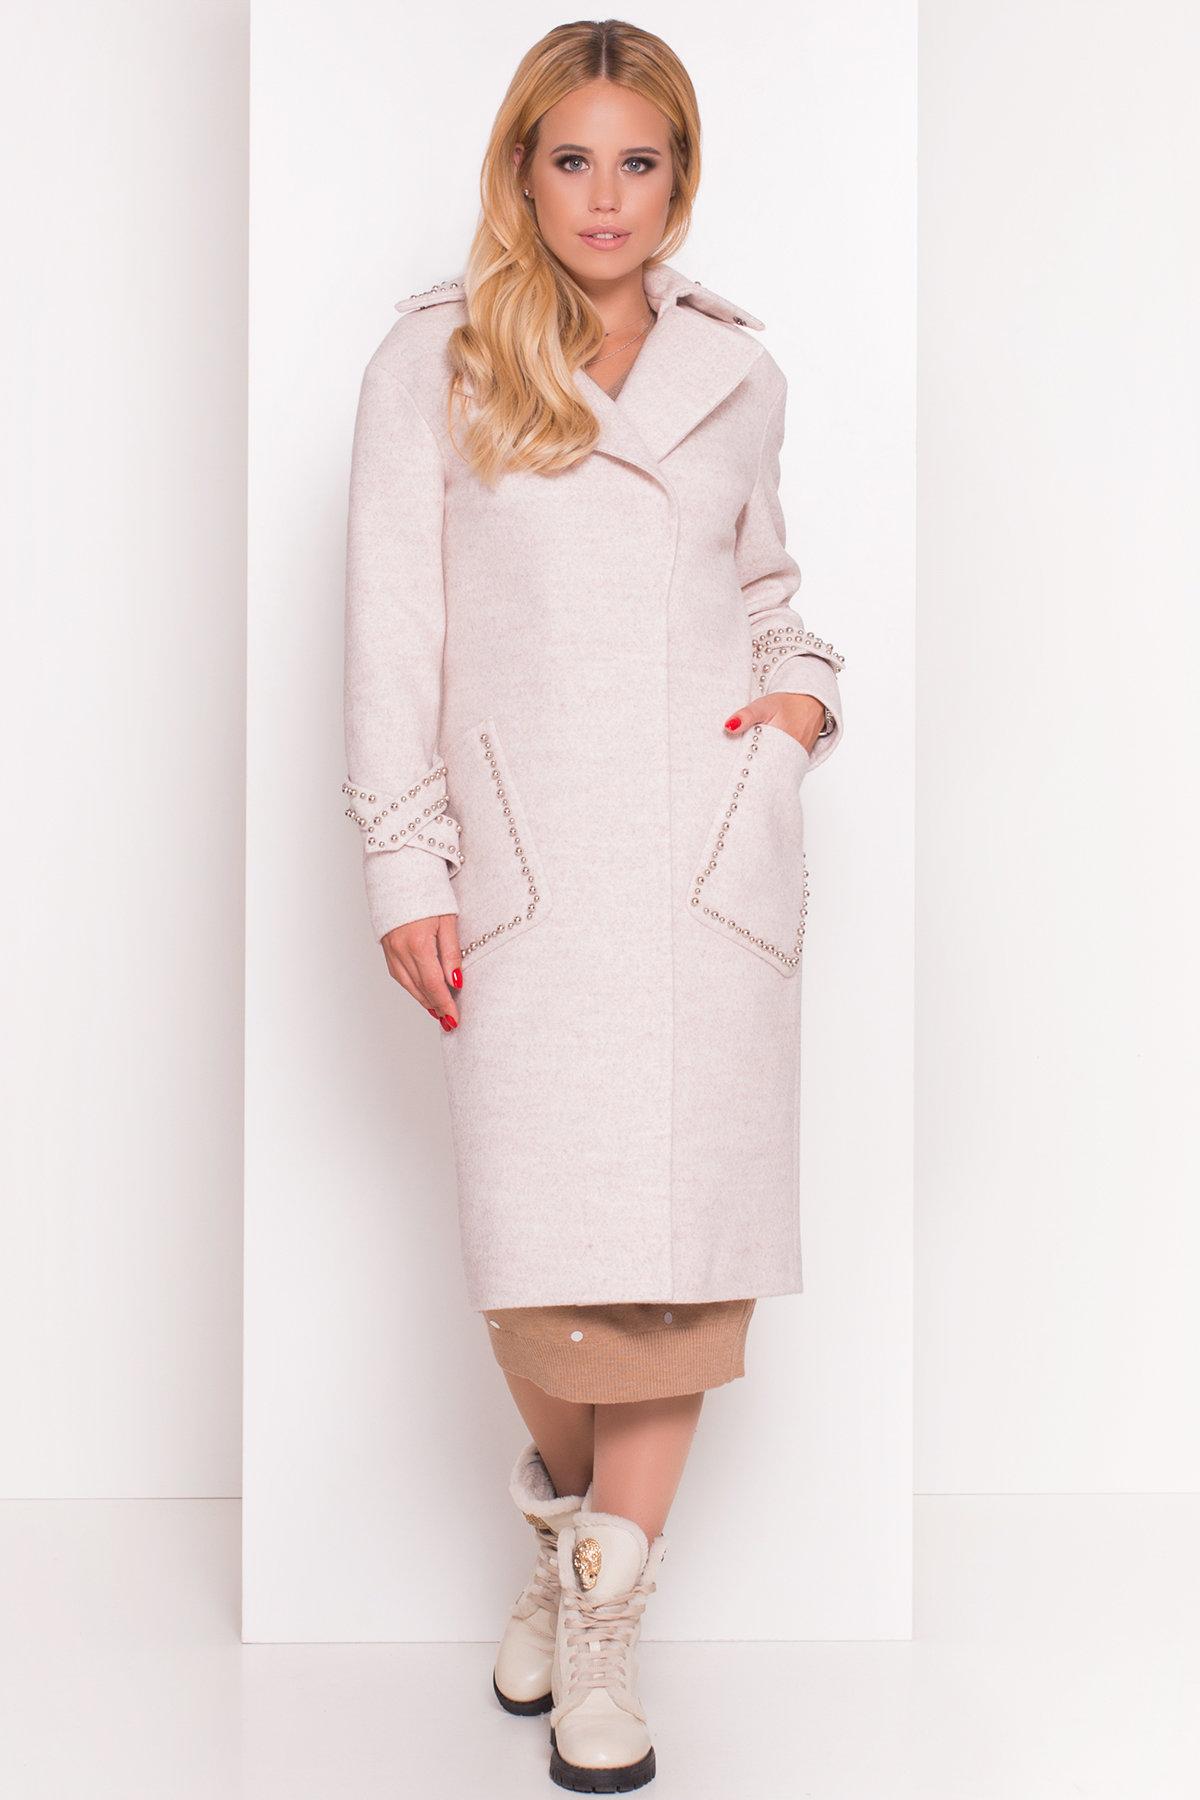 Кашемировое демисезонное пальто с декором Алина 5248 АРТ. 36621 Цвет: Бежевый - фото 2, интернет магазин tm-modus.ru